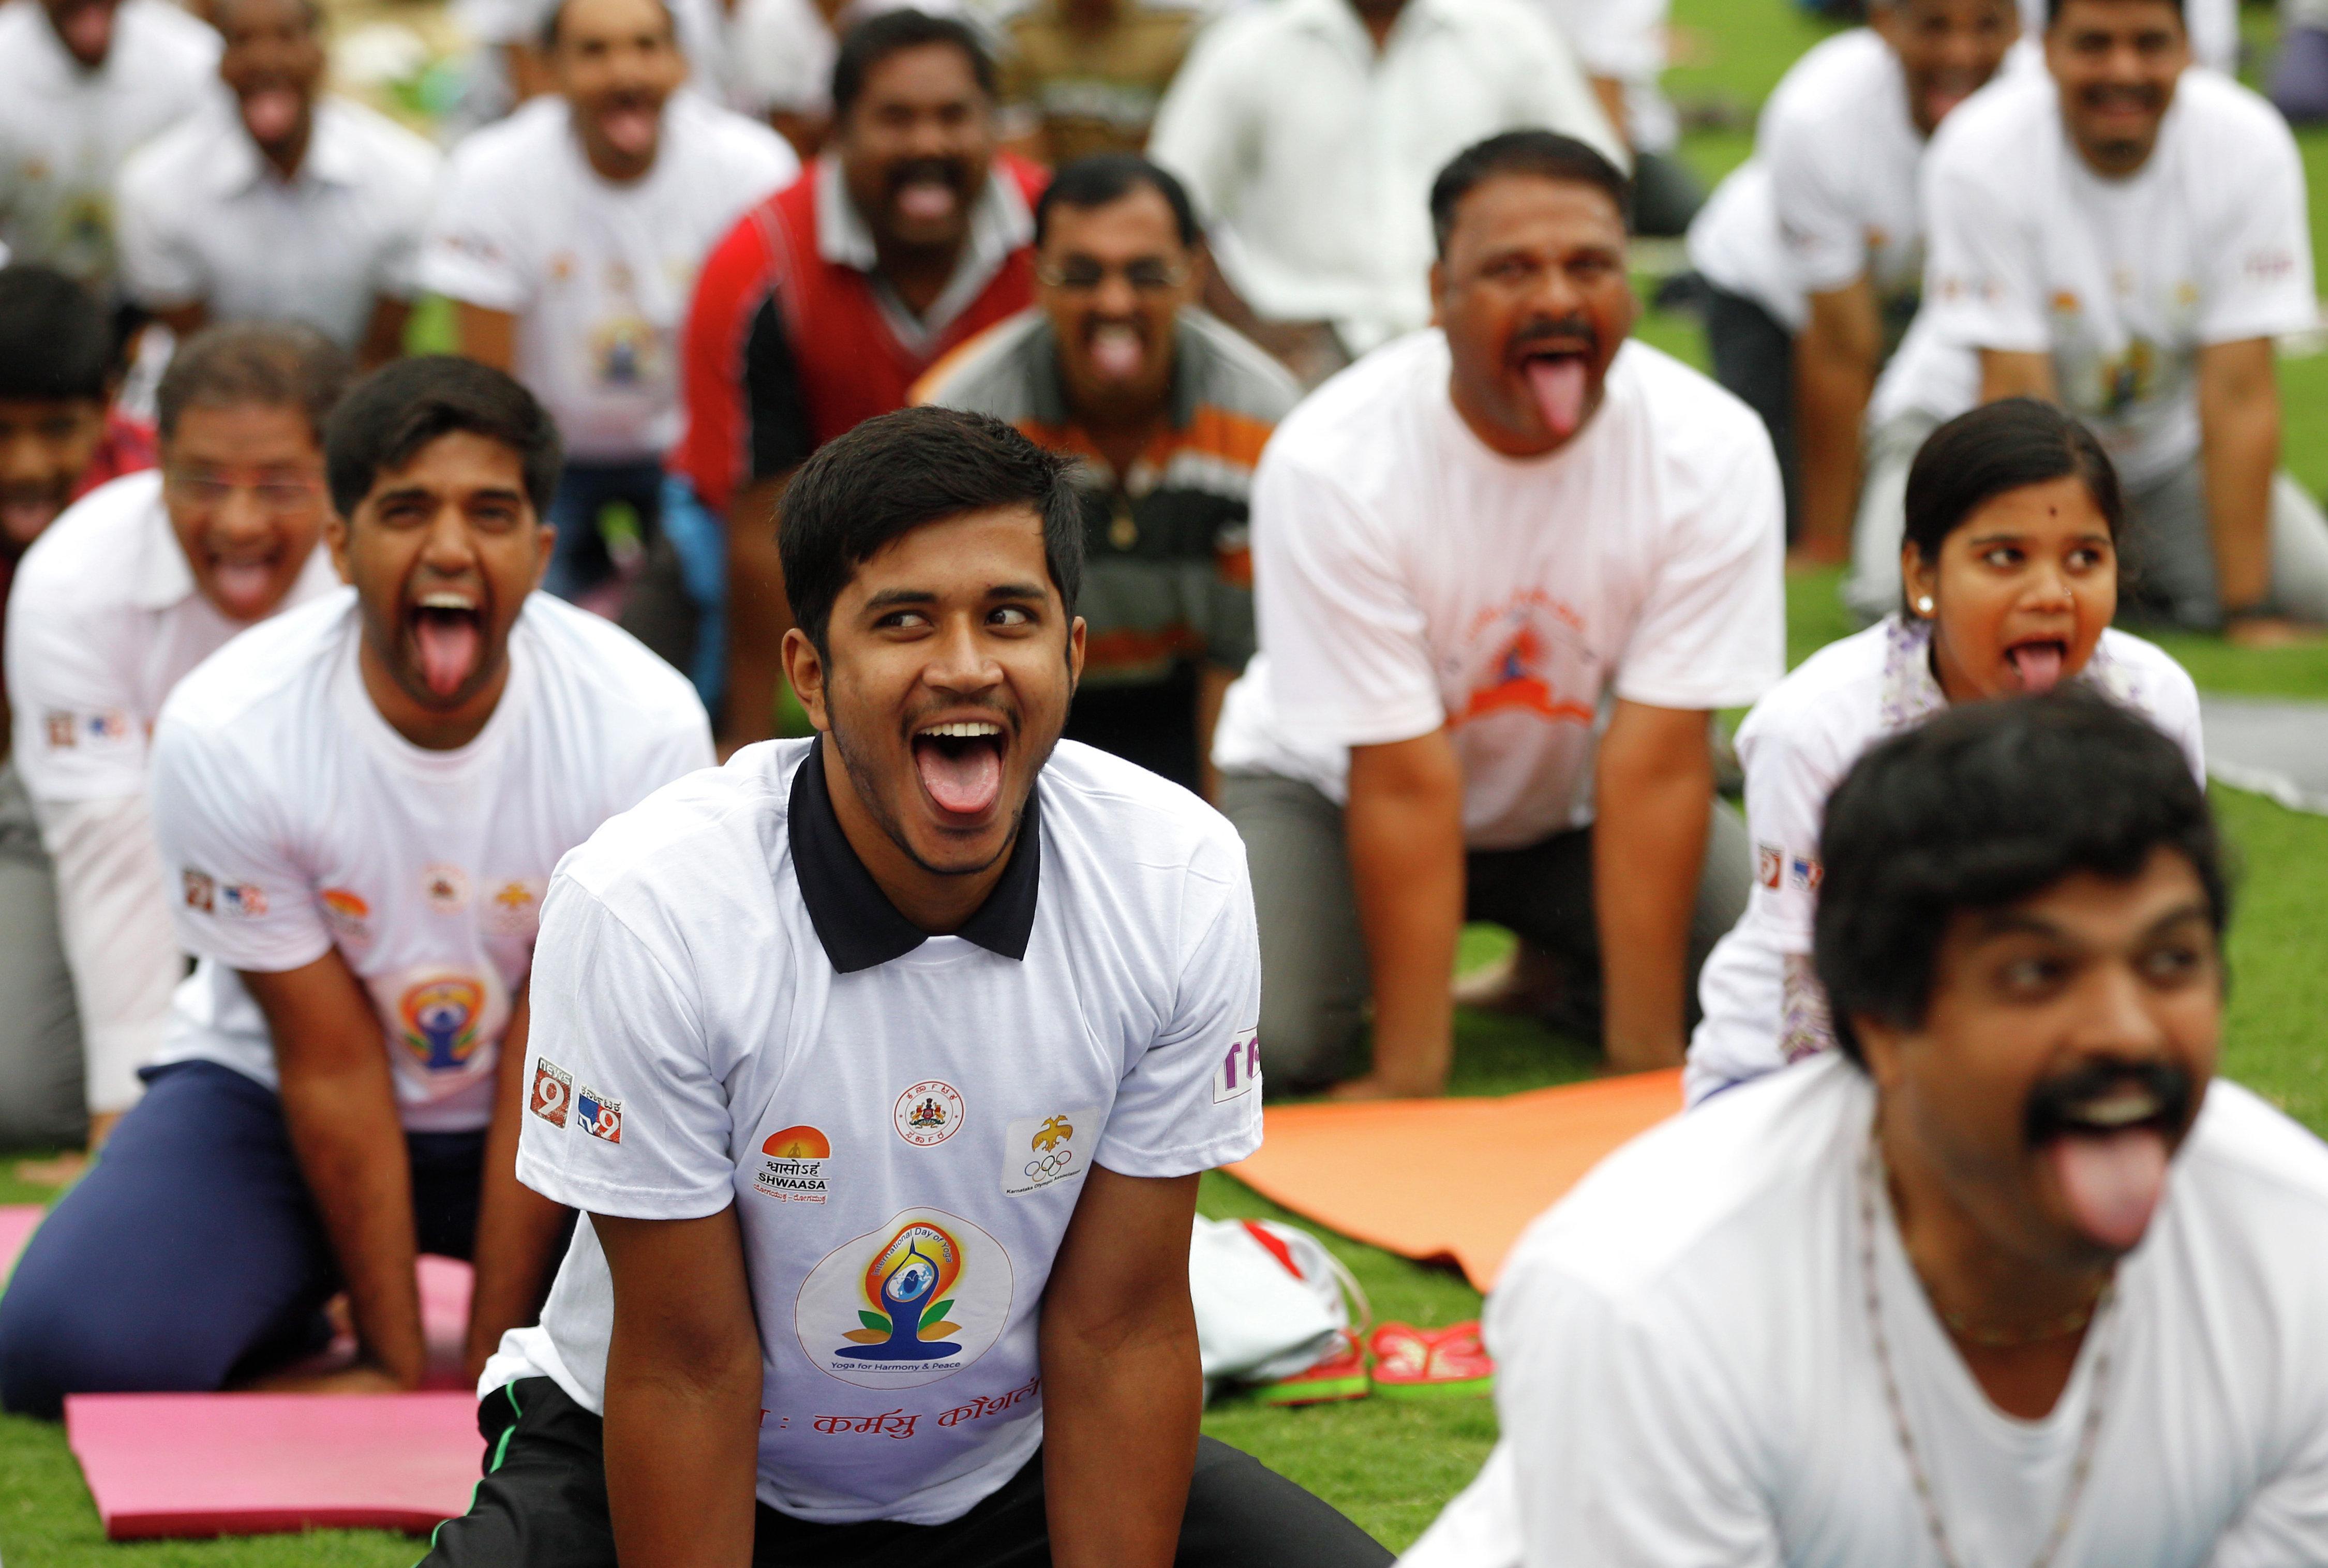 المشاركون فى اليوم العالمي لليوجا فى ميدنة بنغالور فى الهند